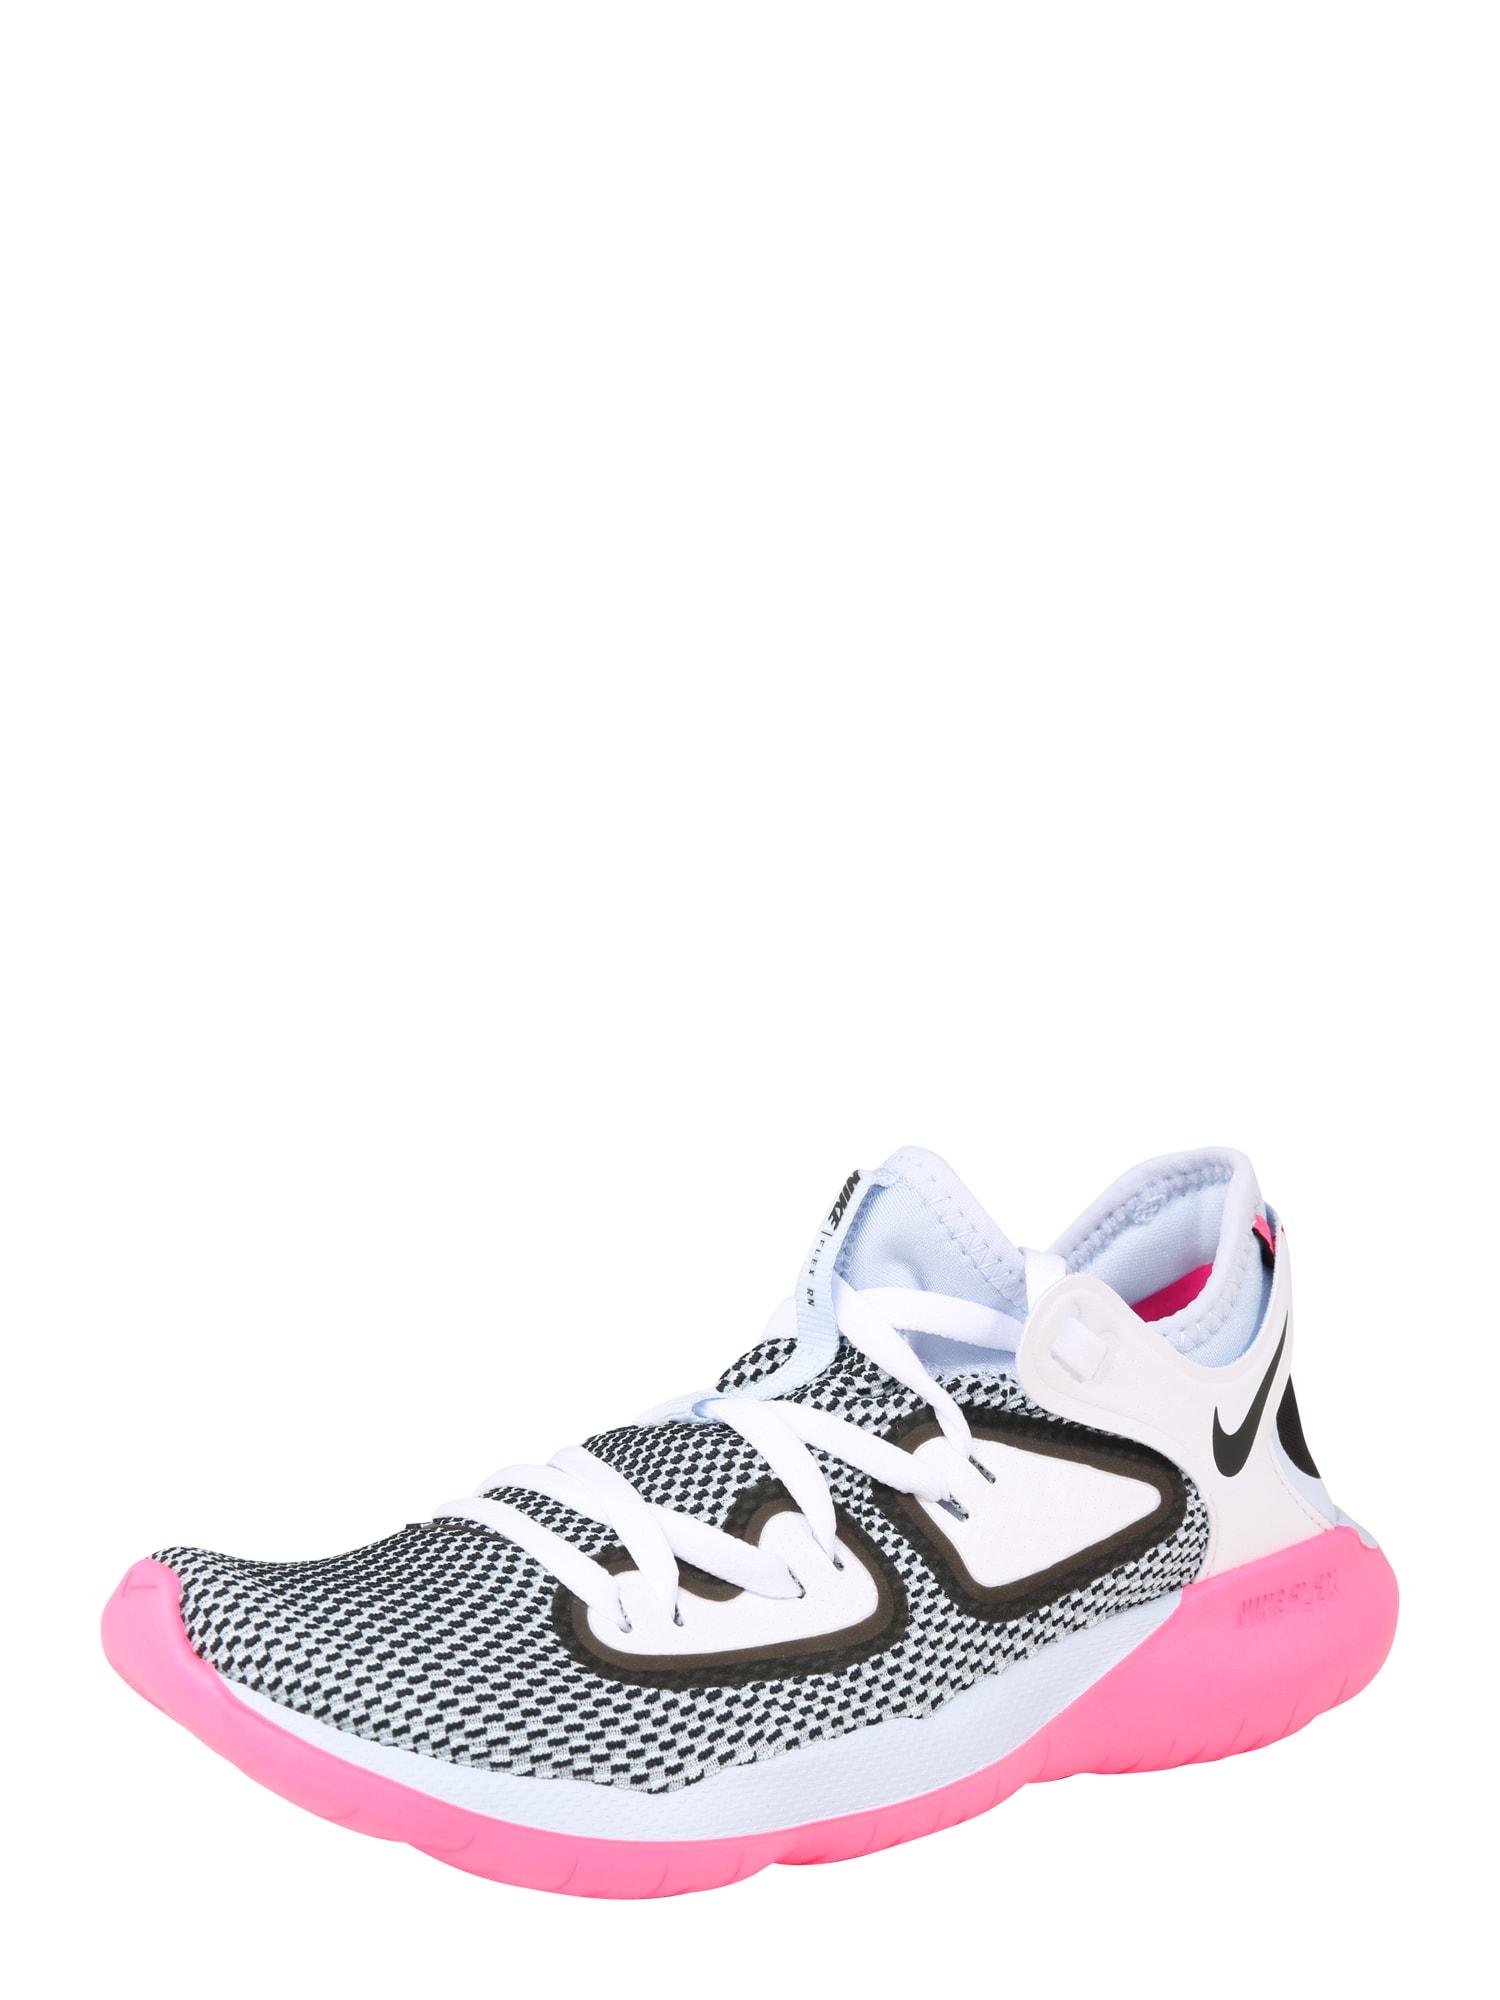 Sportovní boty Nike Flex 2019 RN modrá pink NIKE